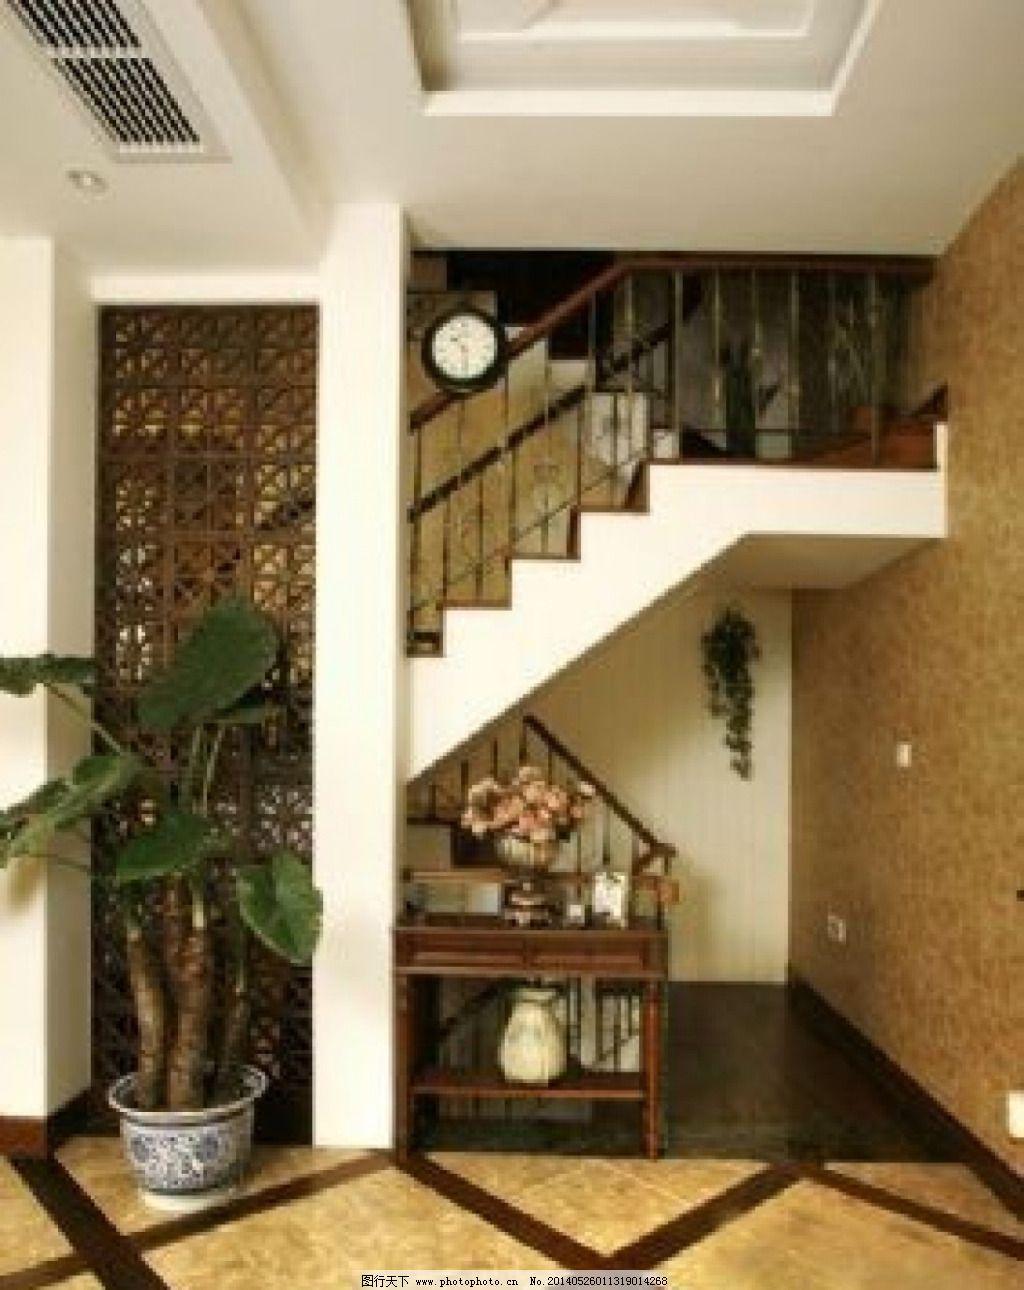 楼梯设计免费下载 楼梯 室内楼梯 装修 装修 室内楼梯 楼梯 装饰素材